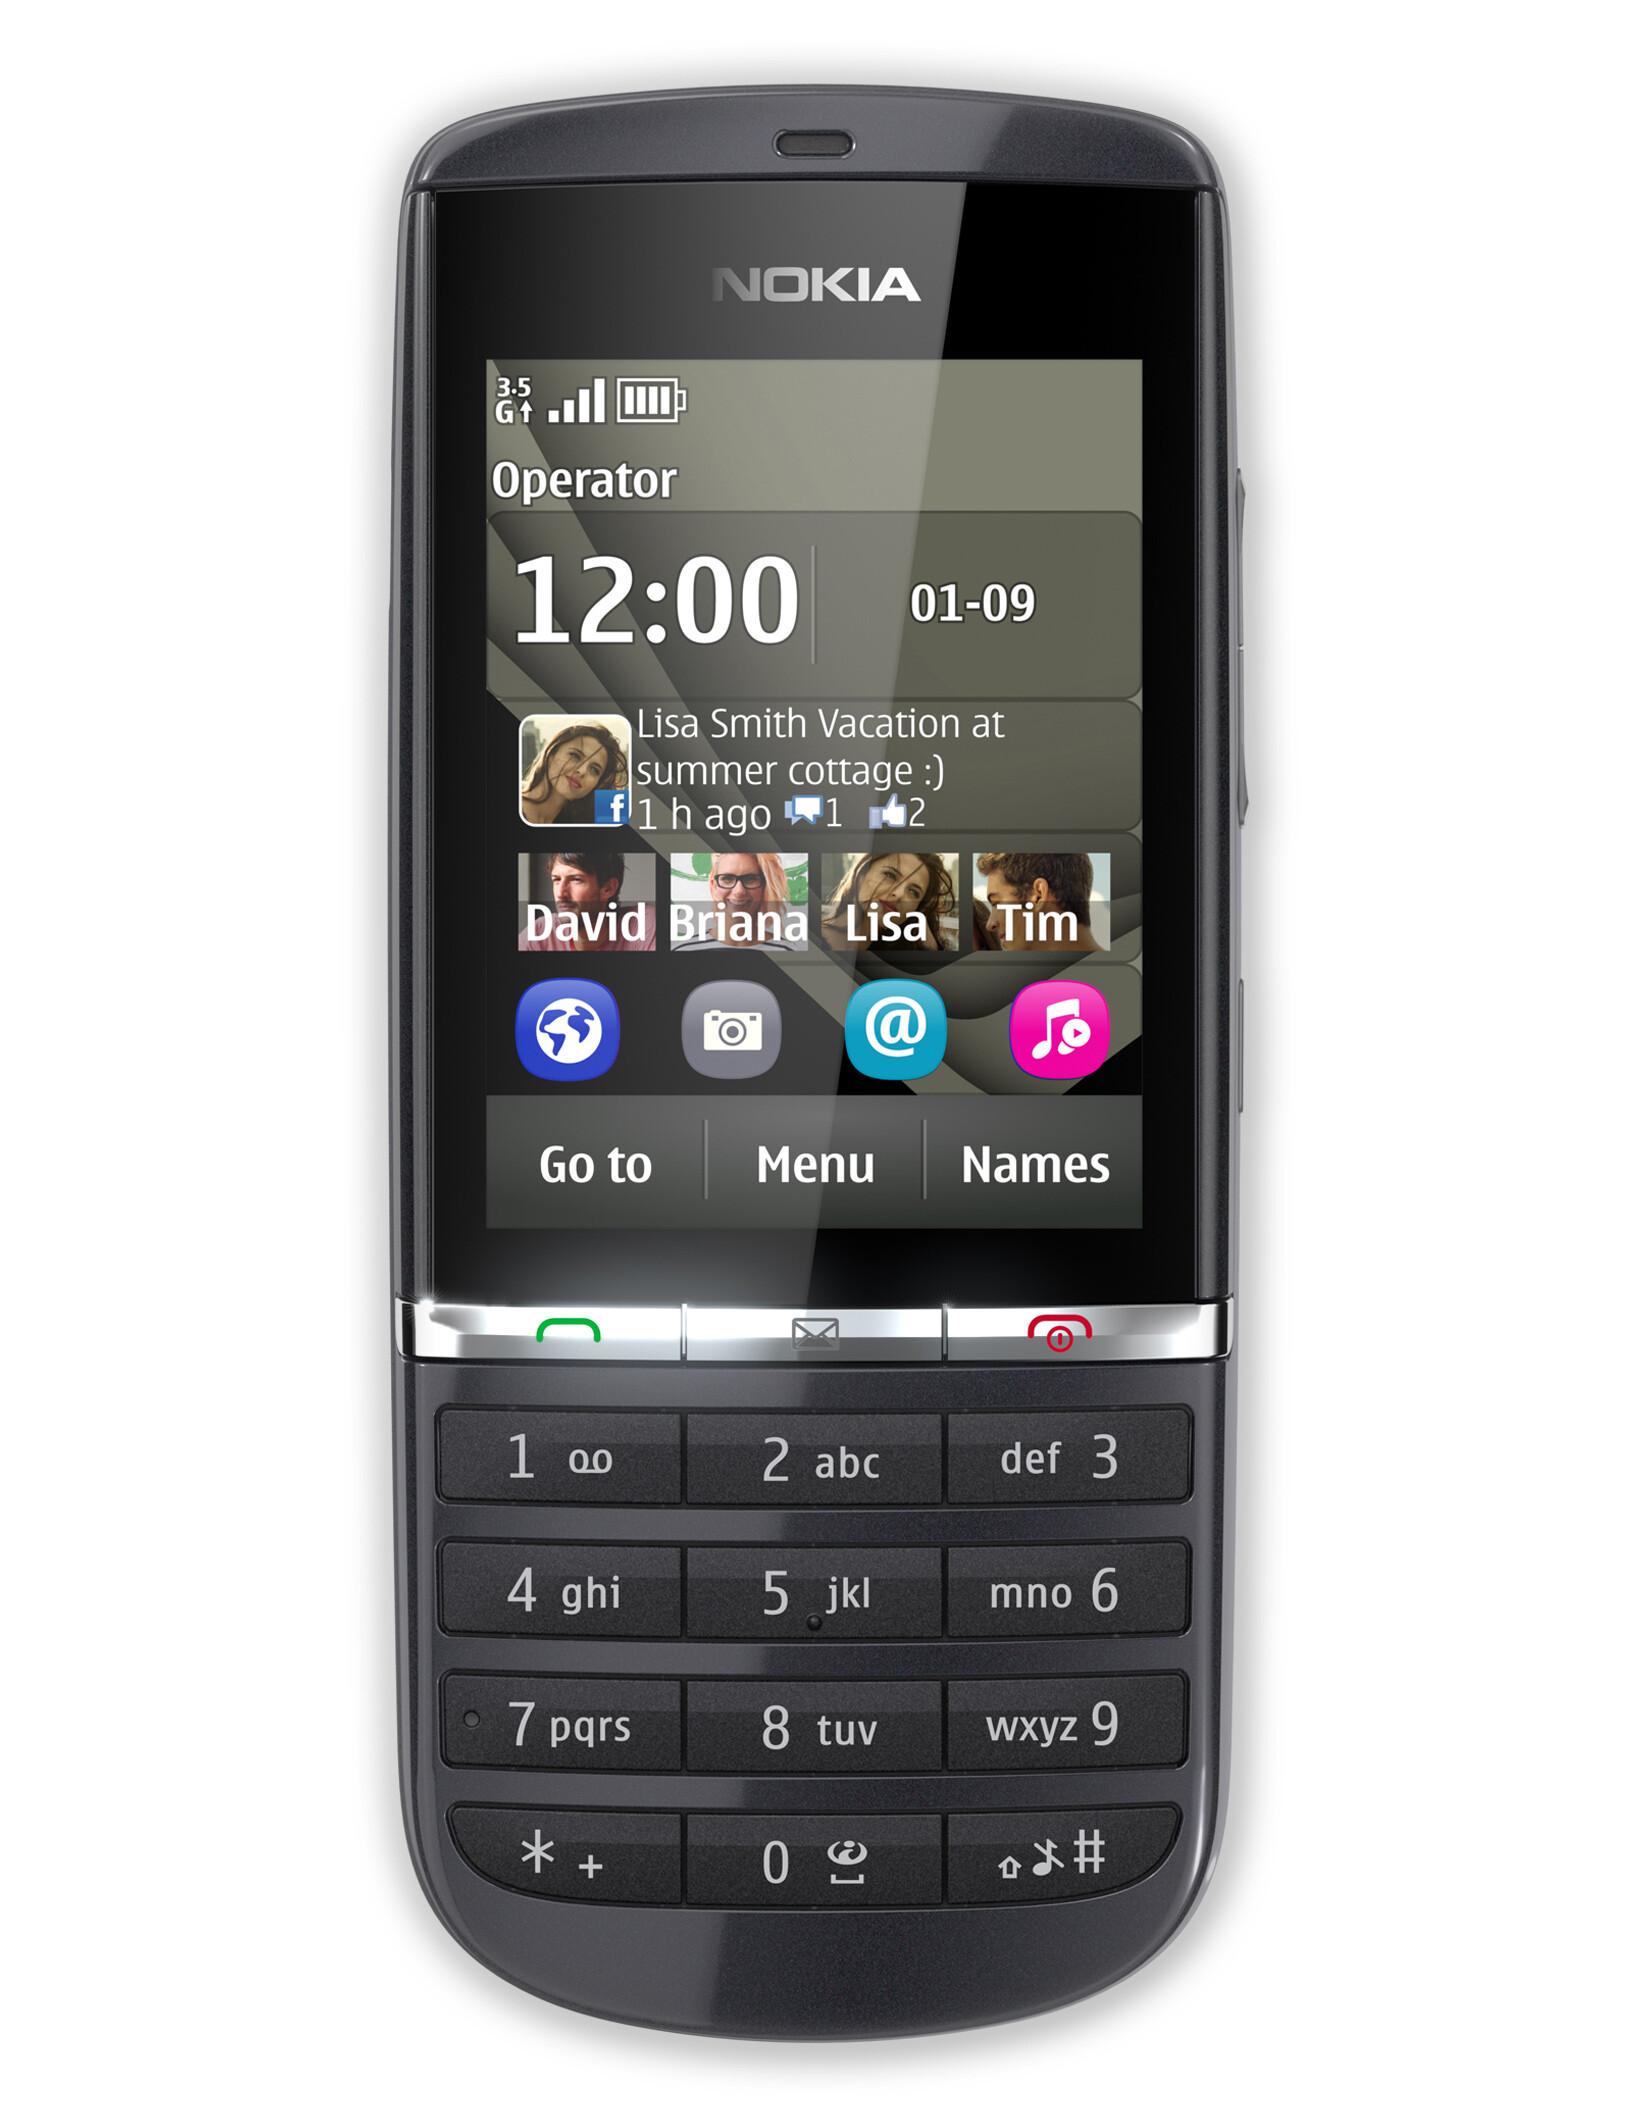 Nokia Asha 300 Price in India